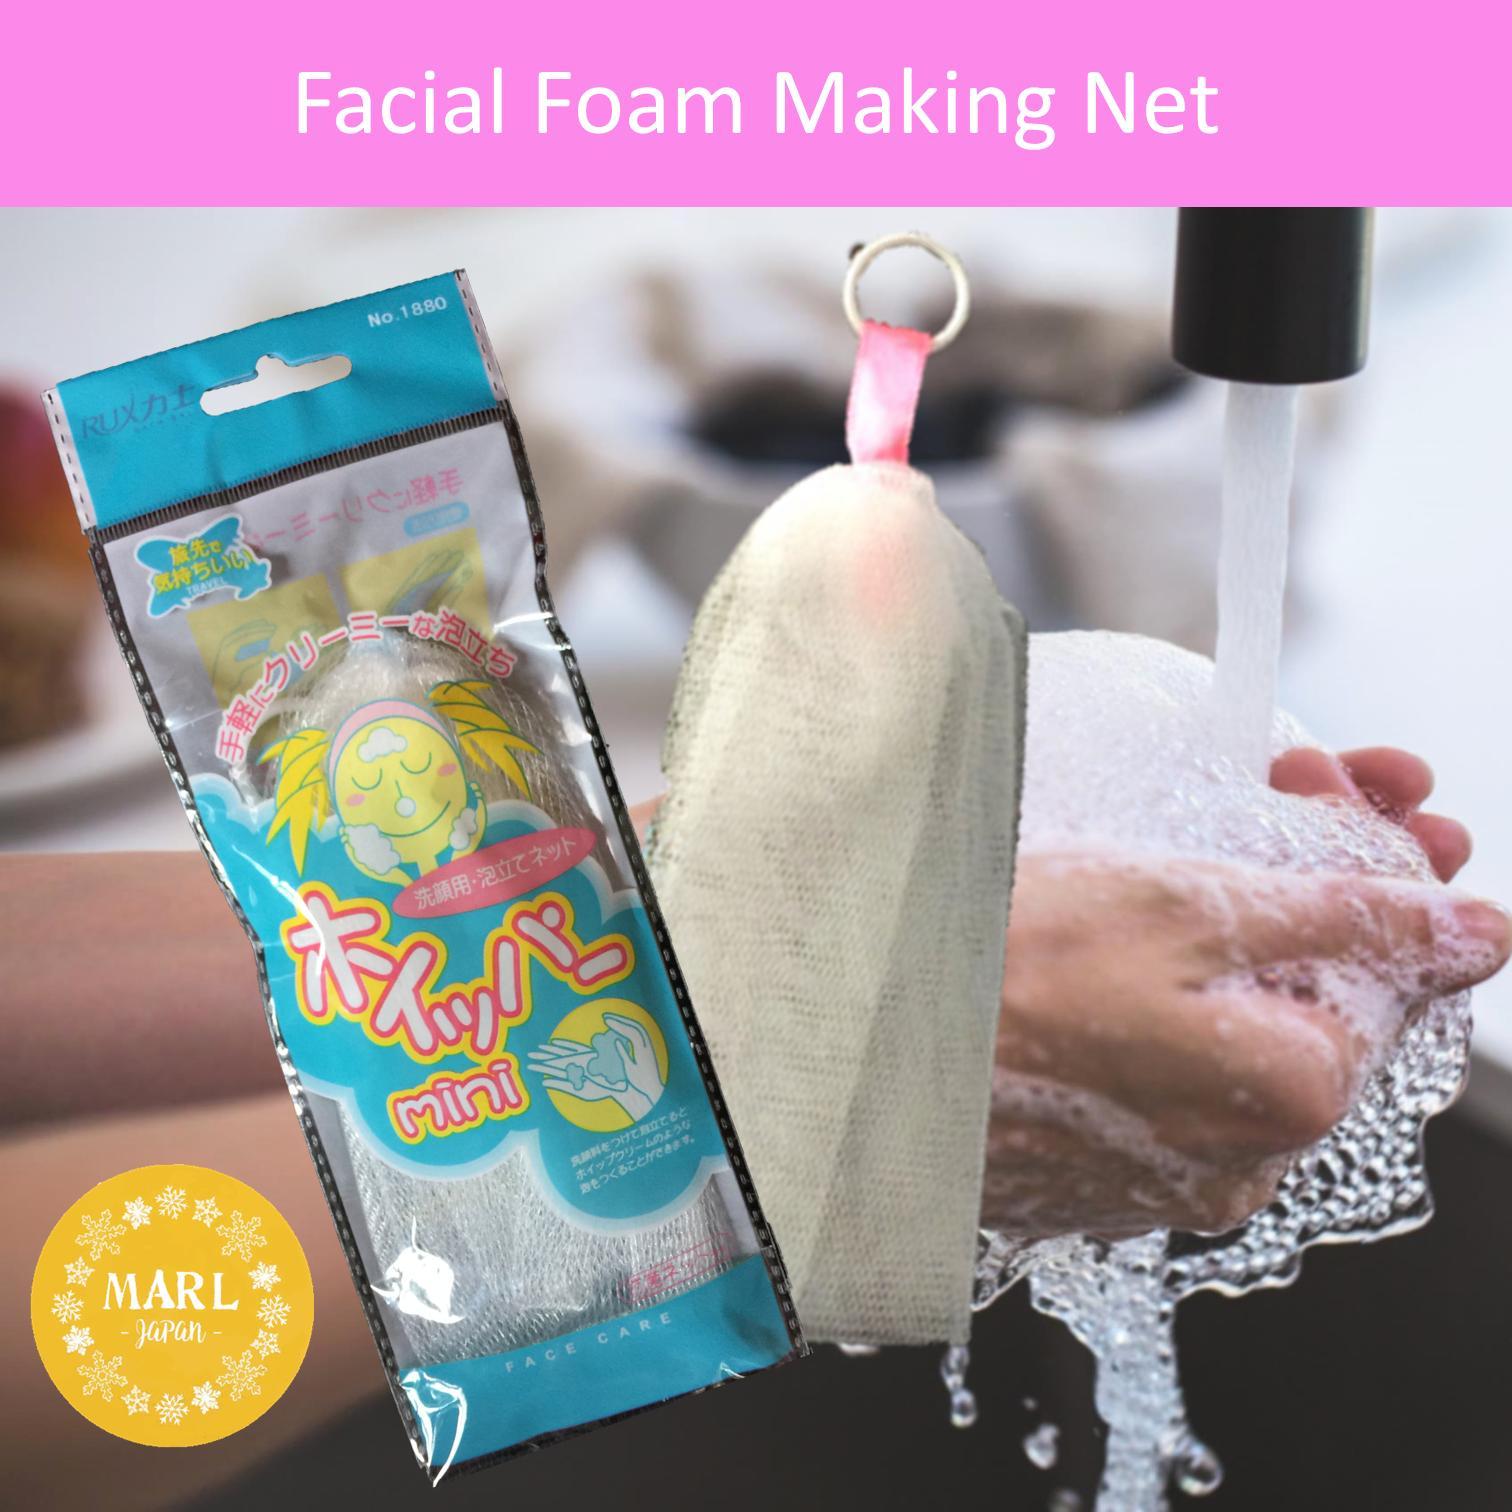 Facial Foam Making Net - Soap Liquid Powder Cleansers Make Creamy Foam Bubbles